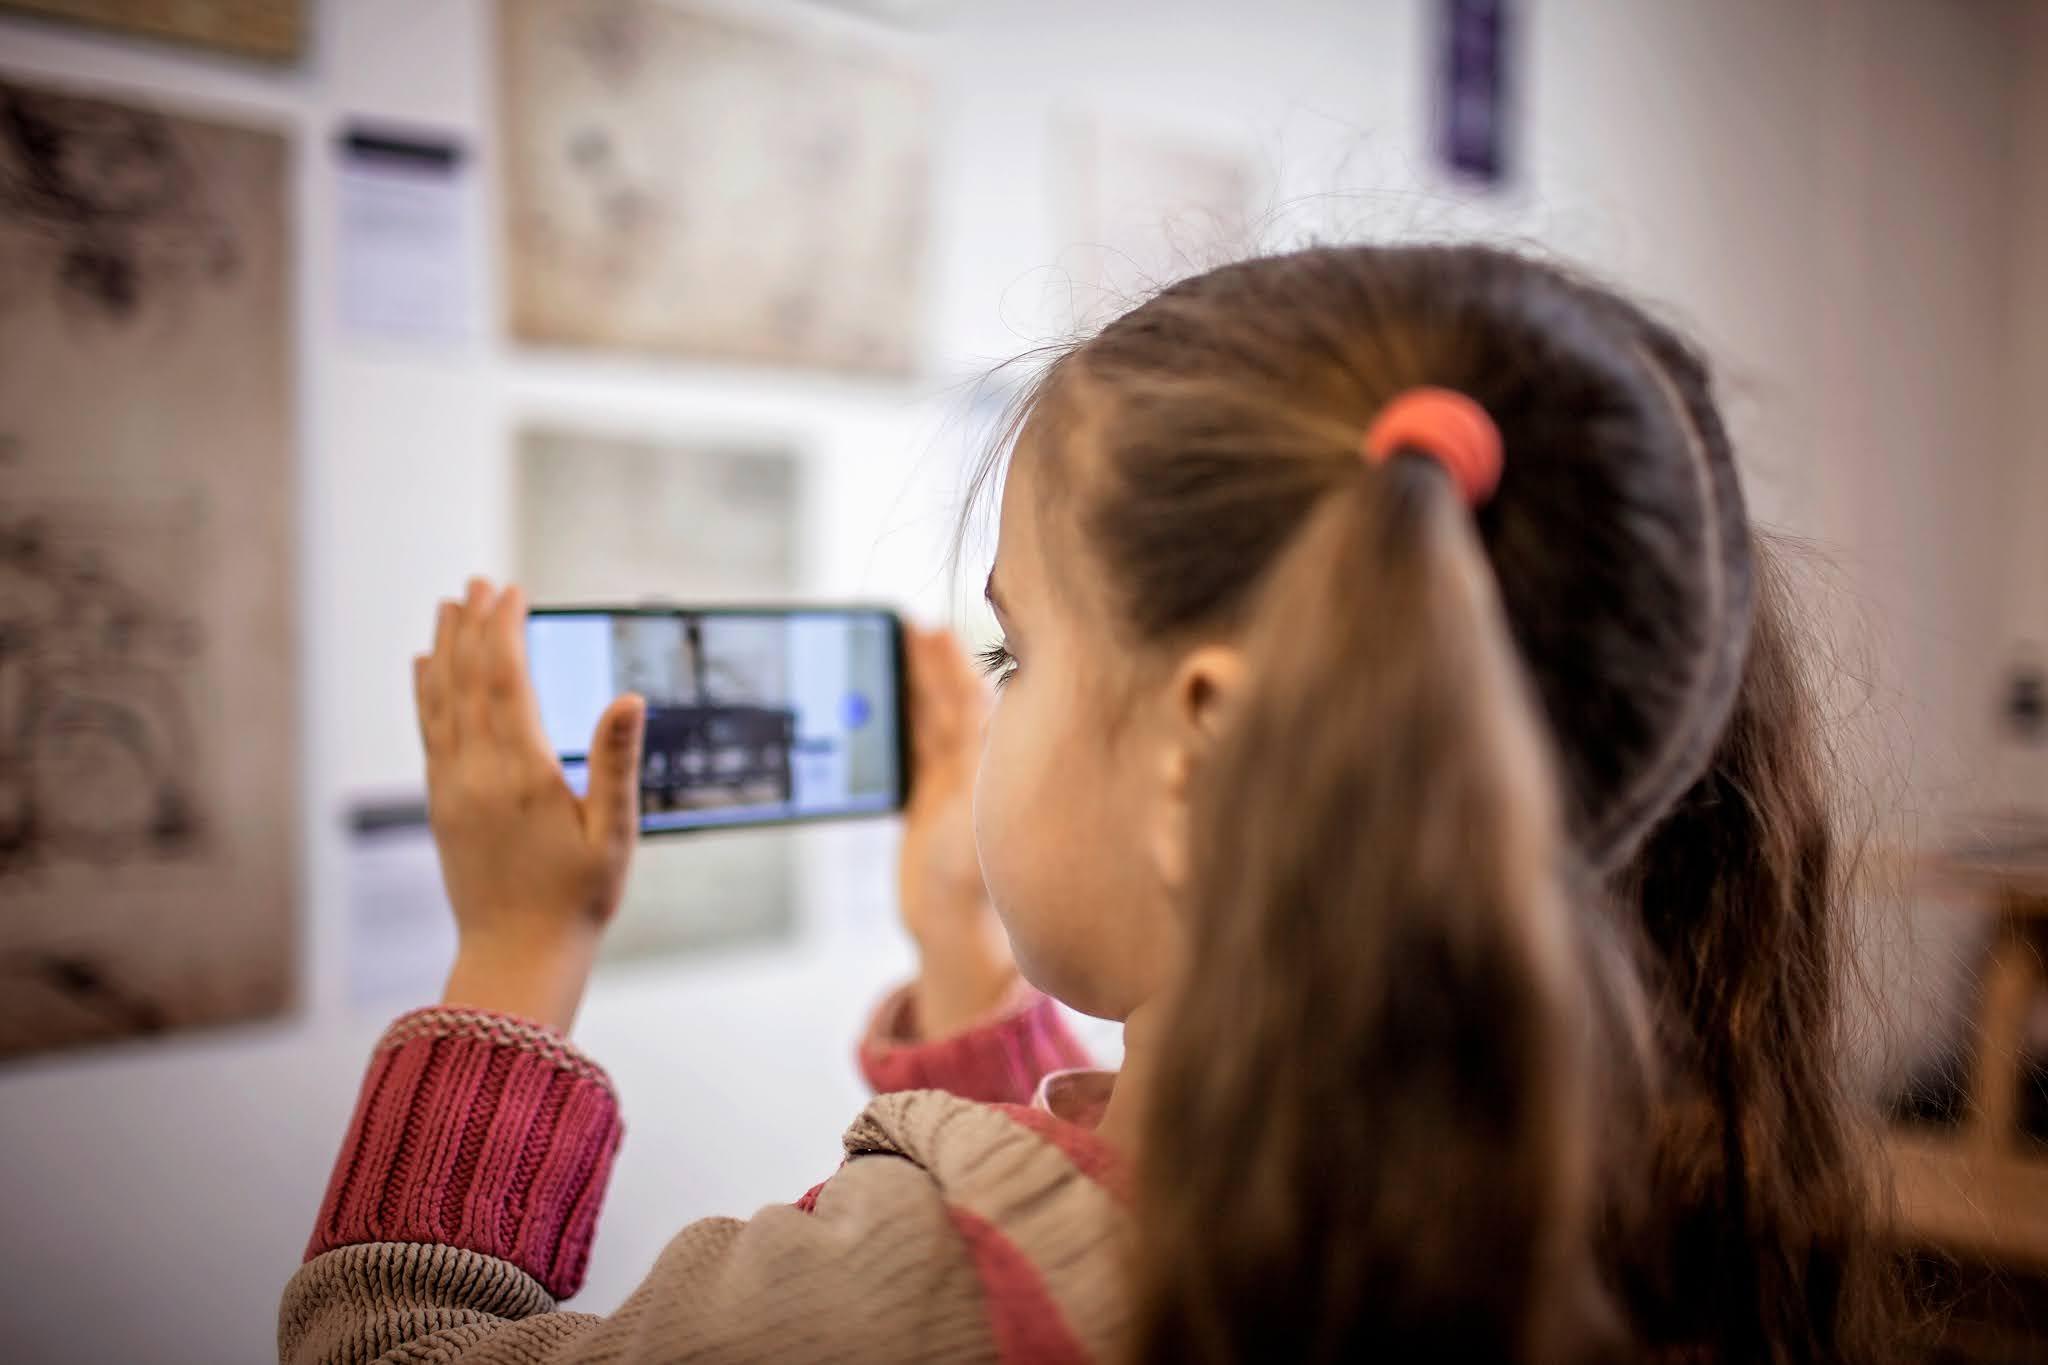 ورشة هيئة تنظيم الاتصالات والحكومة الرقمية تناقش تقنيات الجيل الخامس